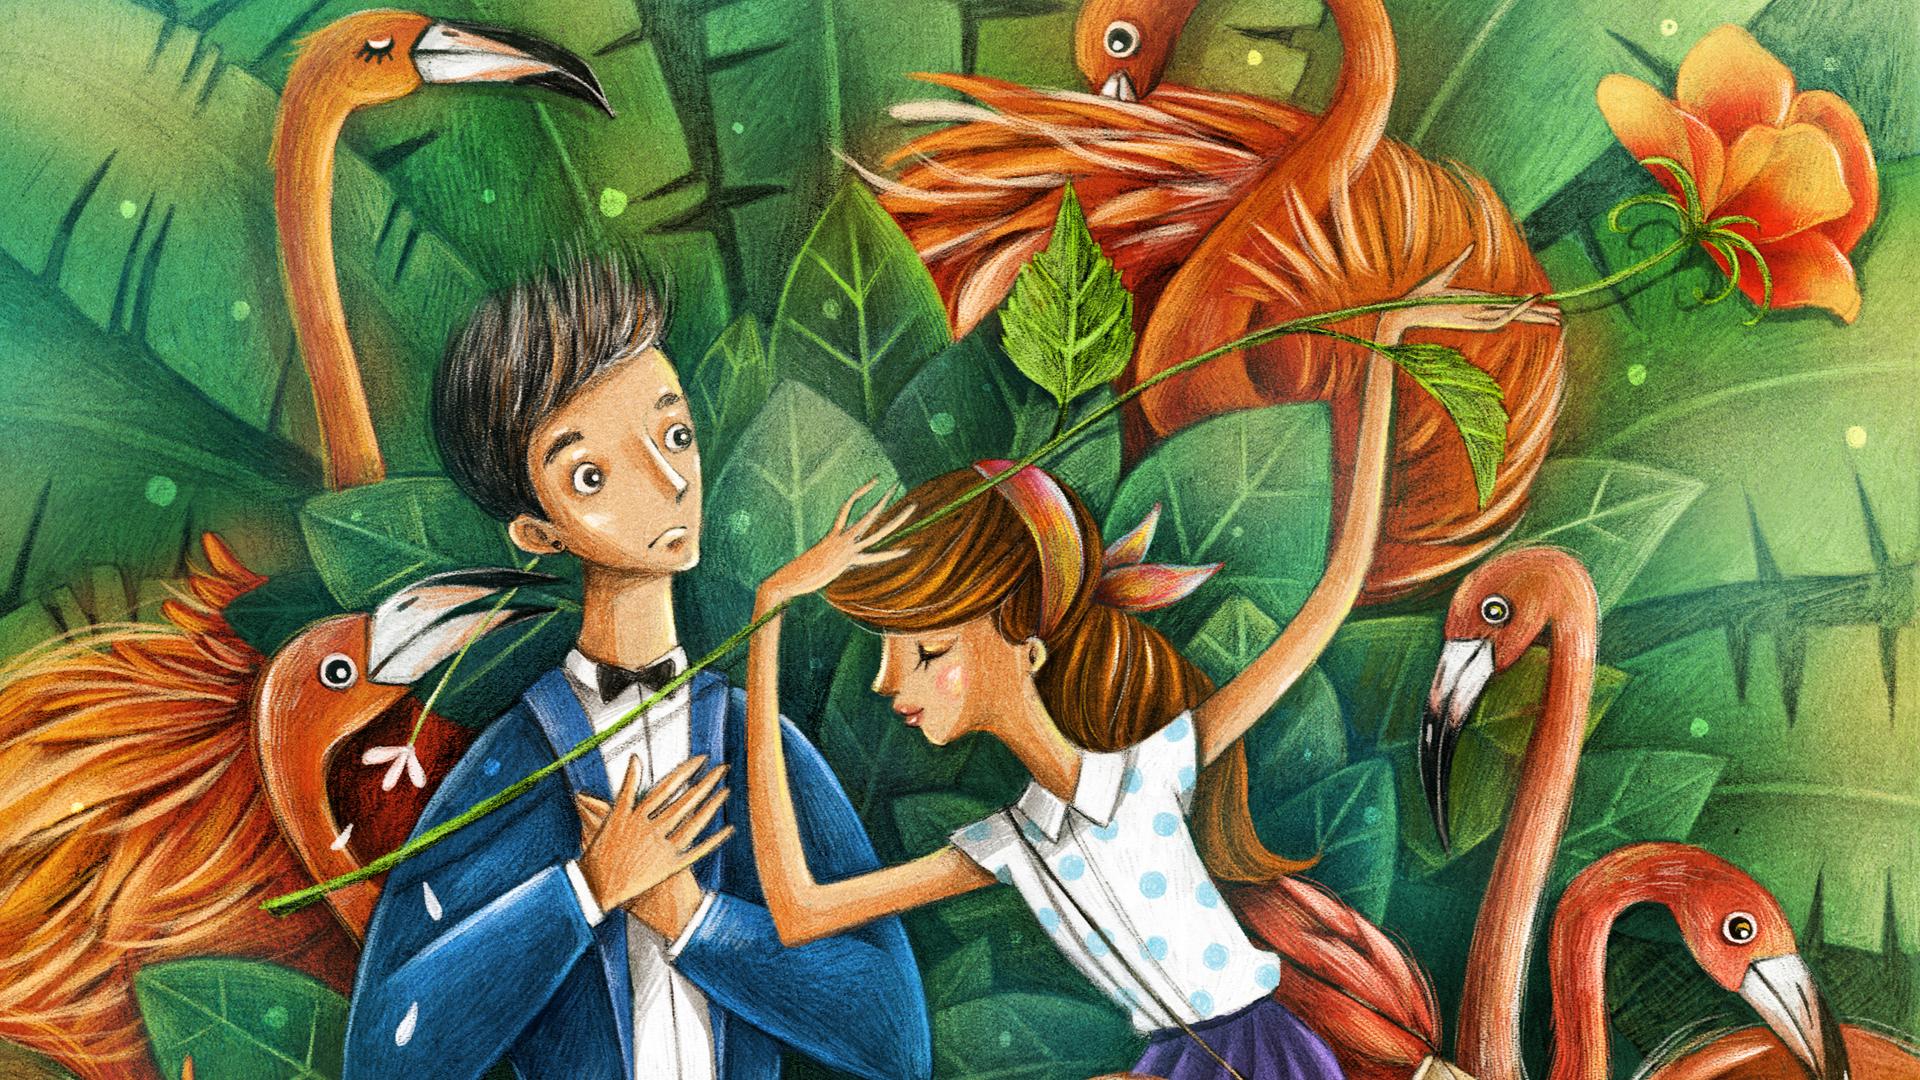 <h1>TRÒ CHUYỆN CÙNG KHÁNH TRẦN</h1><p>Cùng trò chuyện với chàng họa sĩ trẻ đa tài & đa cảm Khánh Trần.